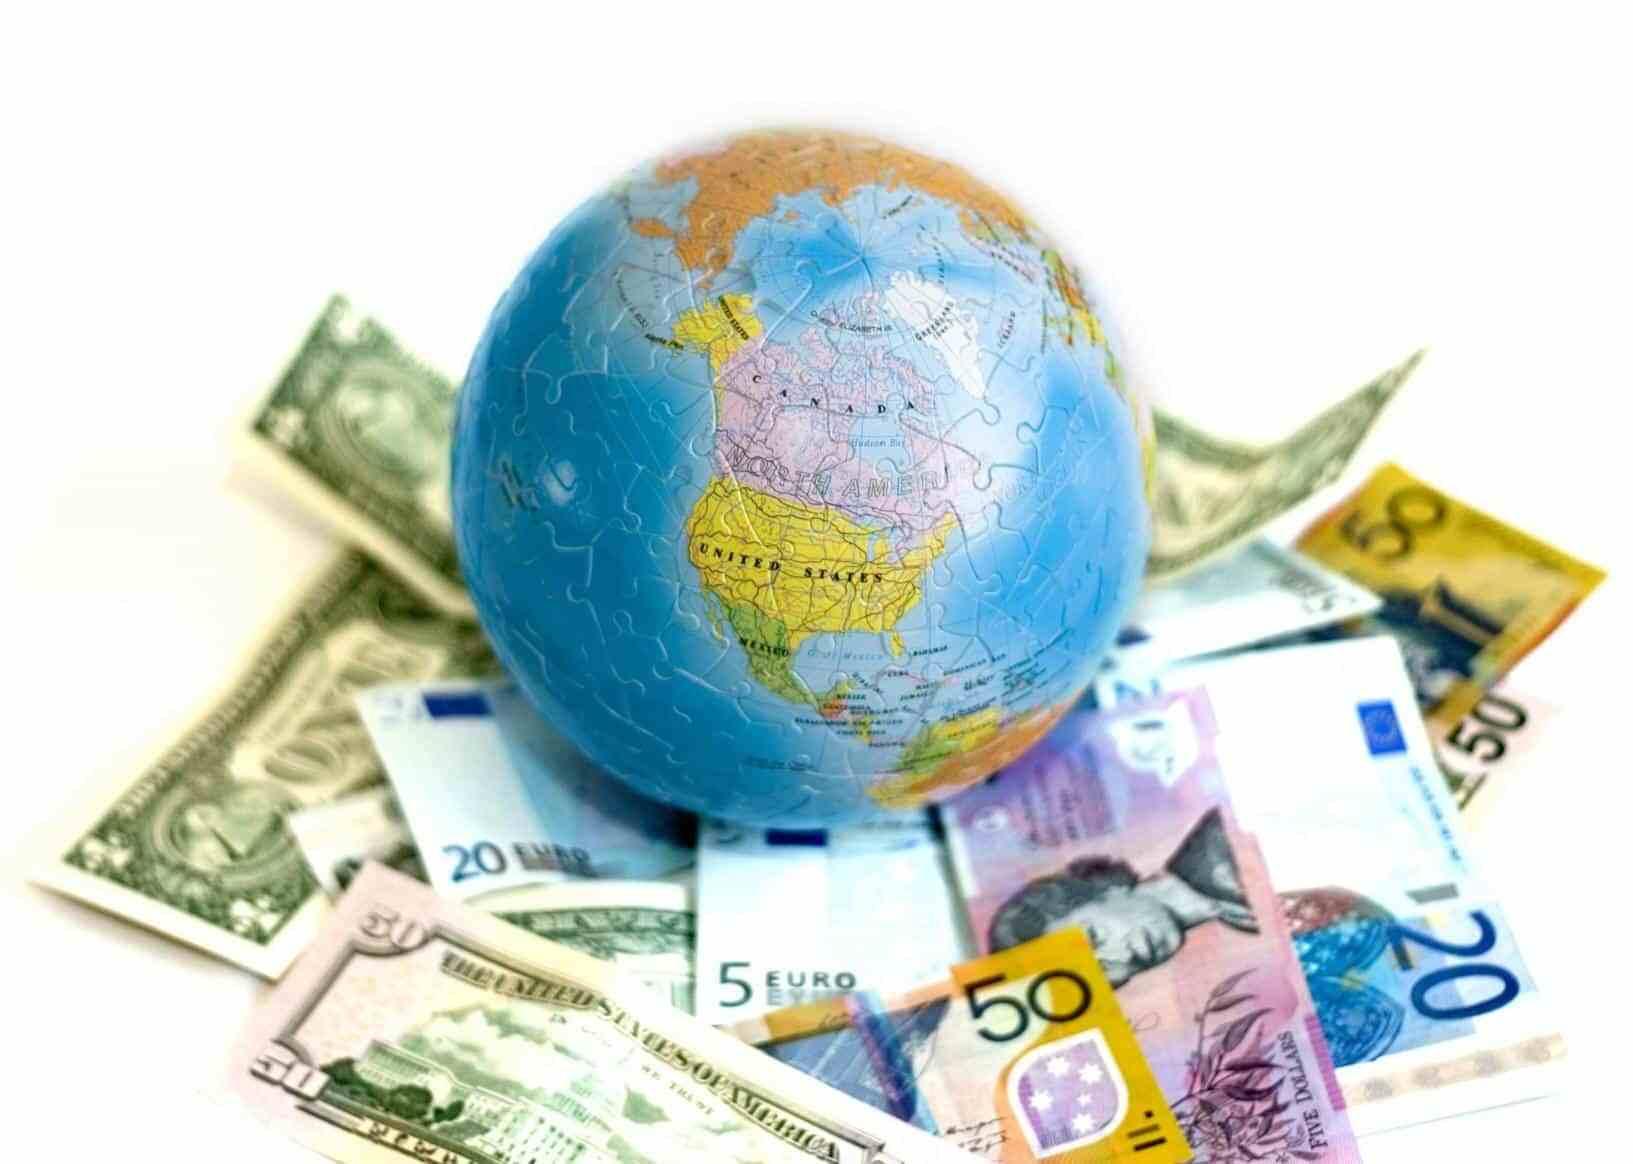 Tỷ giá hối đoái là gì? Các phương pháp xác định tỷ giá hối đoái